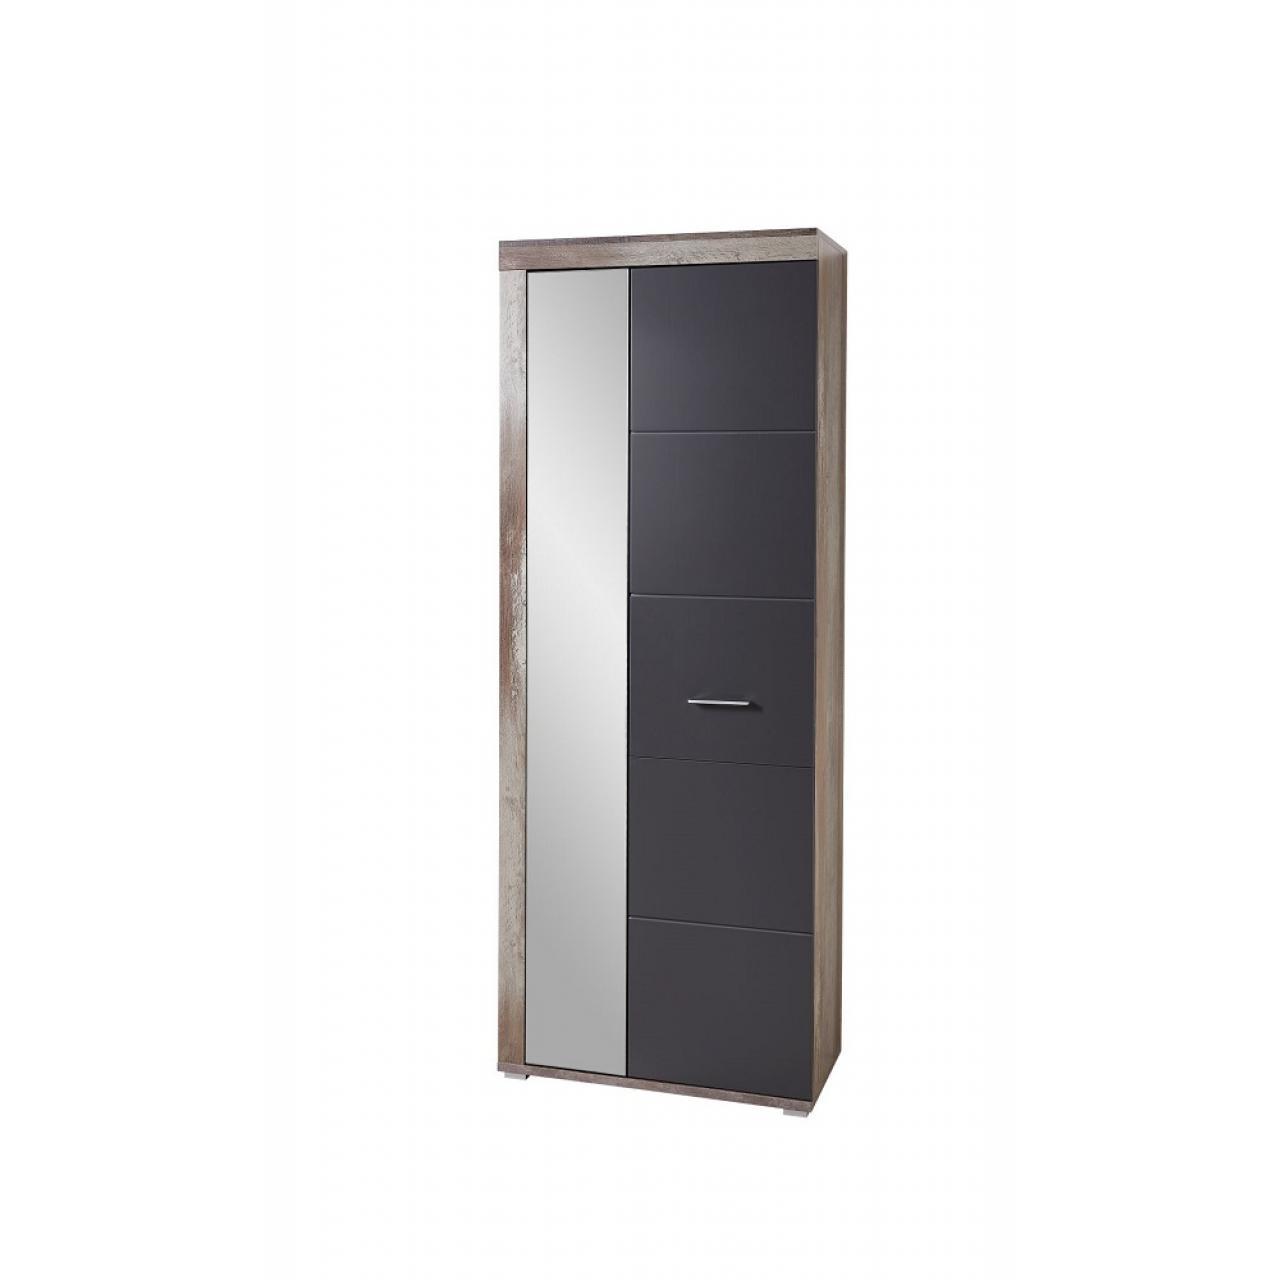 Garderobenschrank Crown-X Driftwood Nb. Graphit 1 Spiegeltür 5 Böden Flur Diele